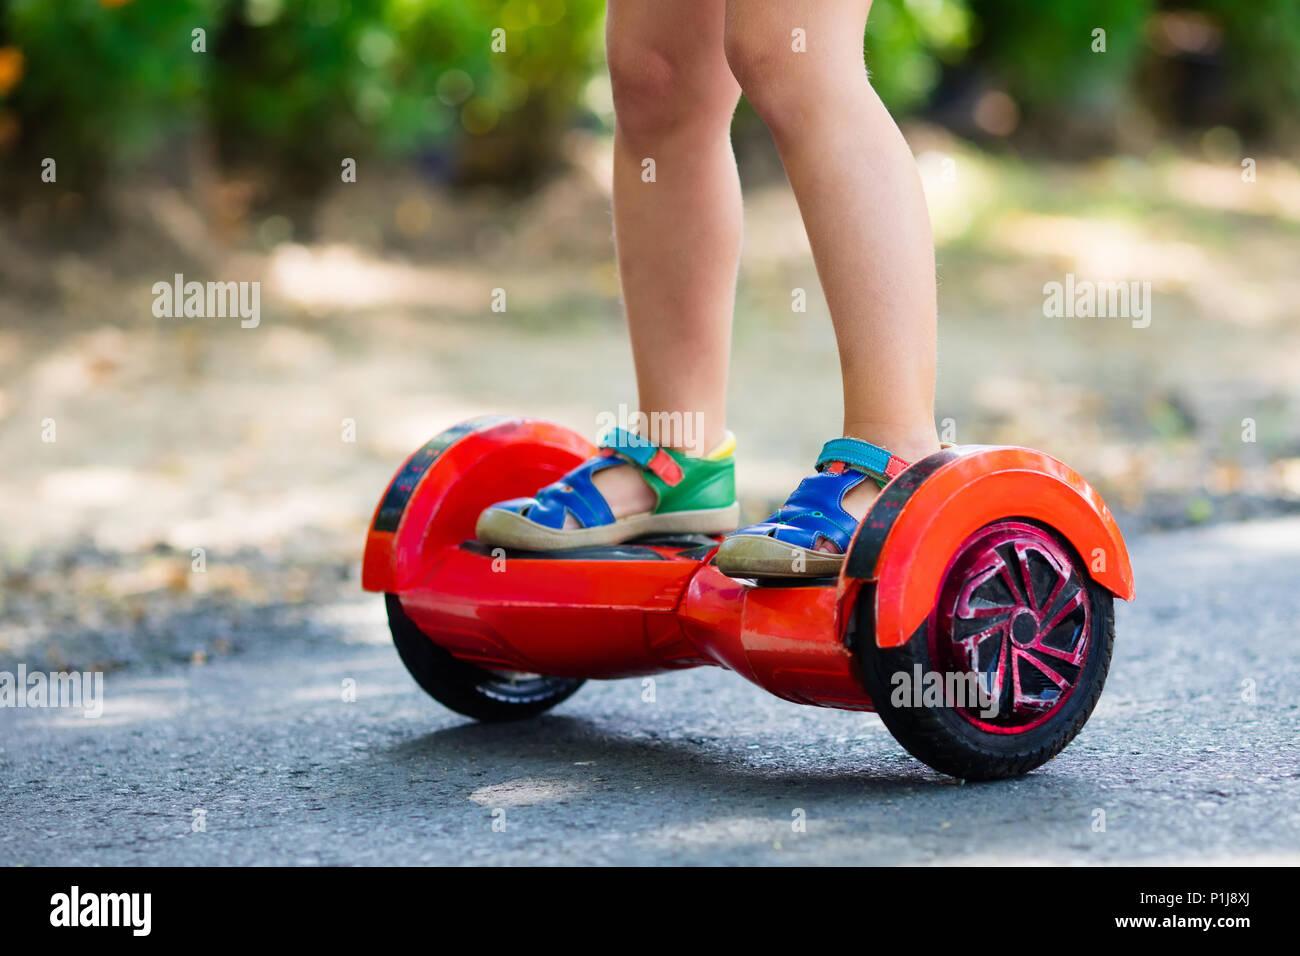 Amazon.com: skateboard balance board